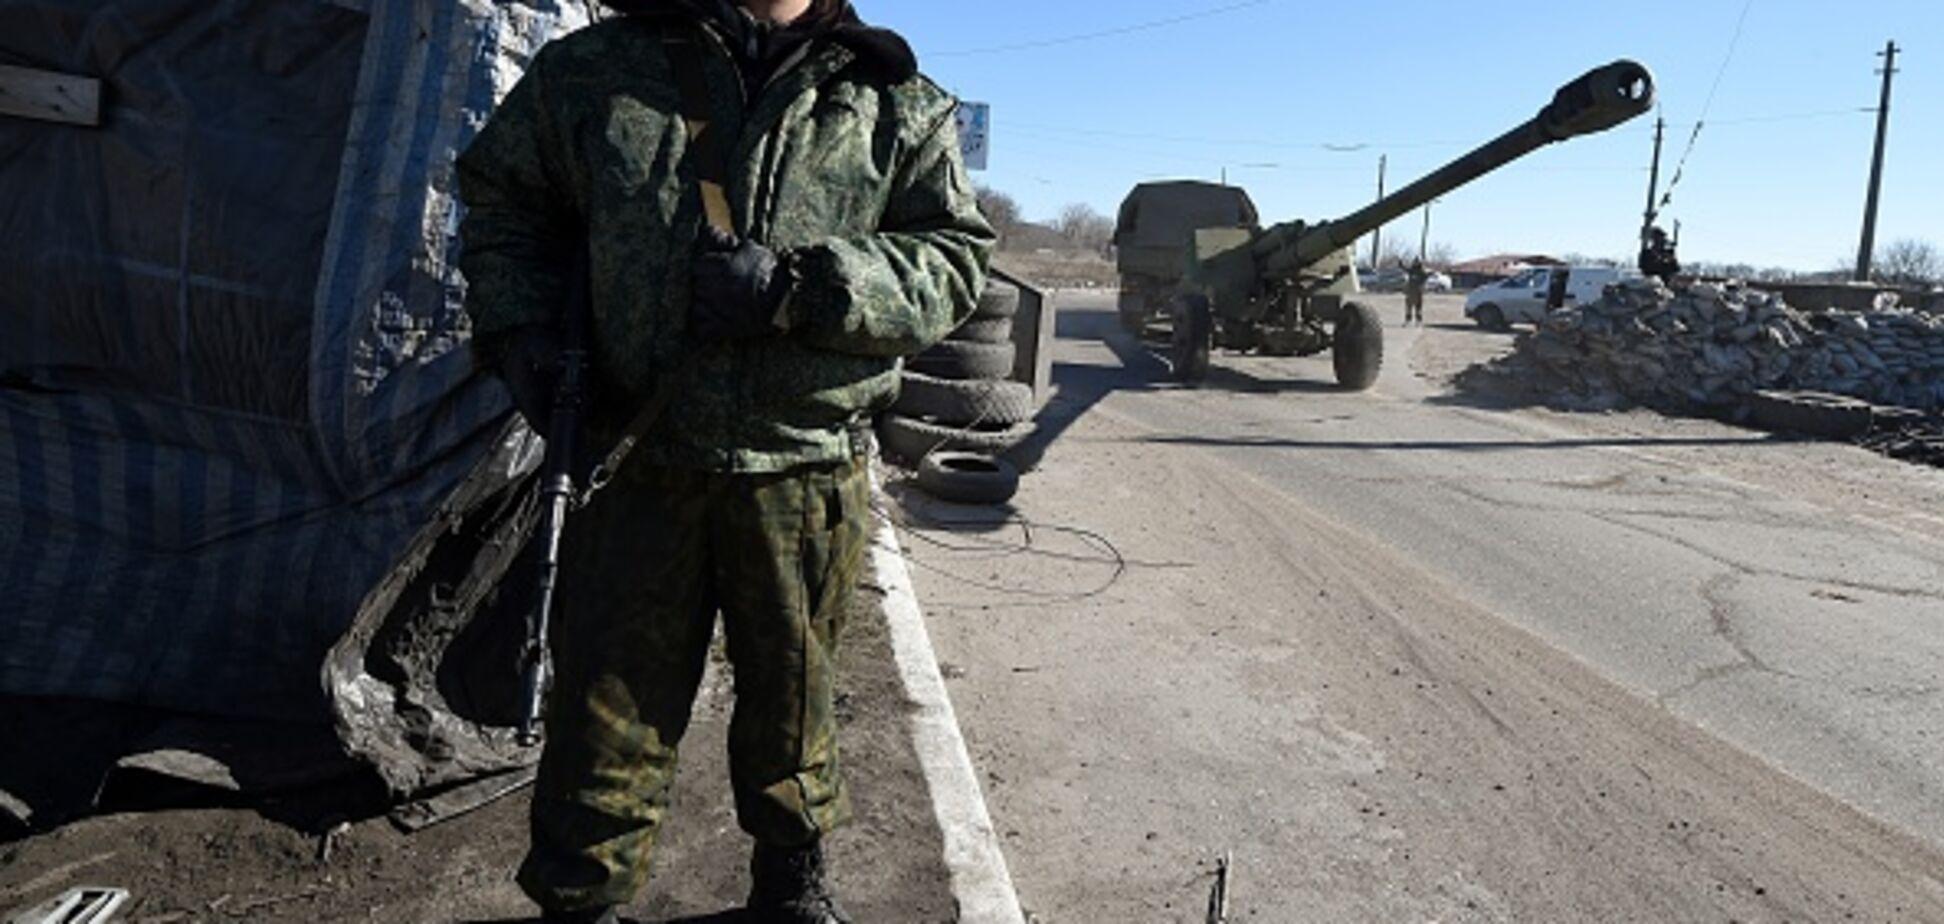 Населення бігло в паніці: 'ДНР' пішла на провокацію в 'сірій зоні'